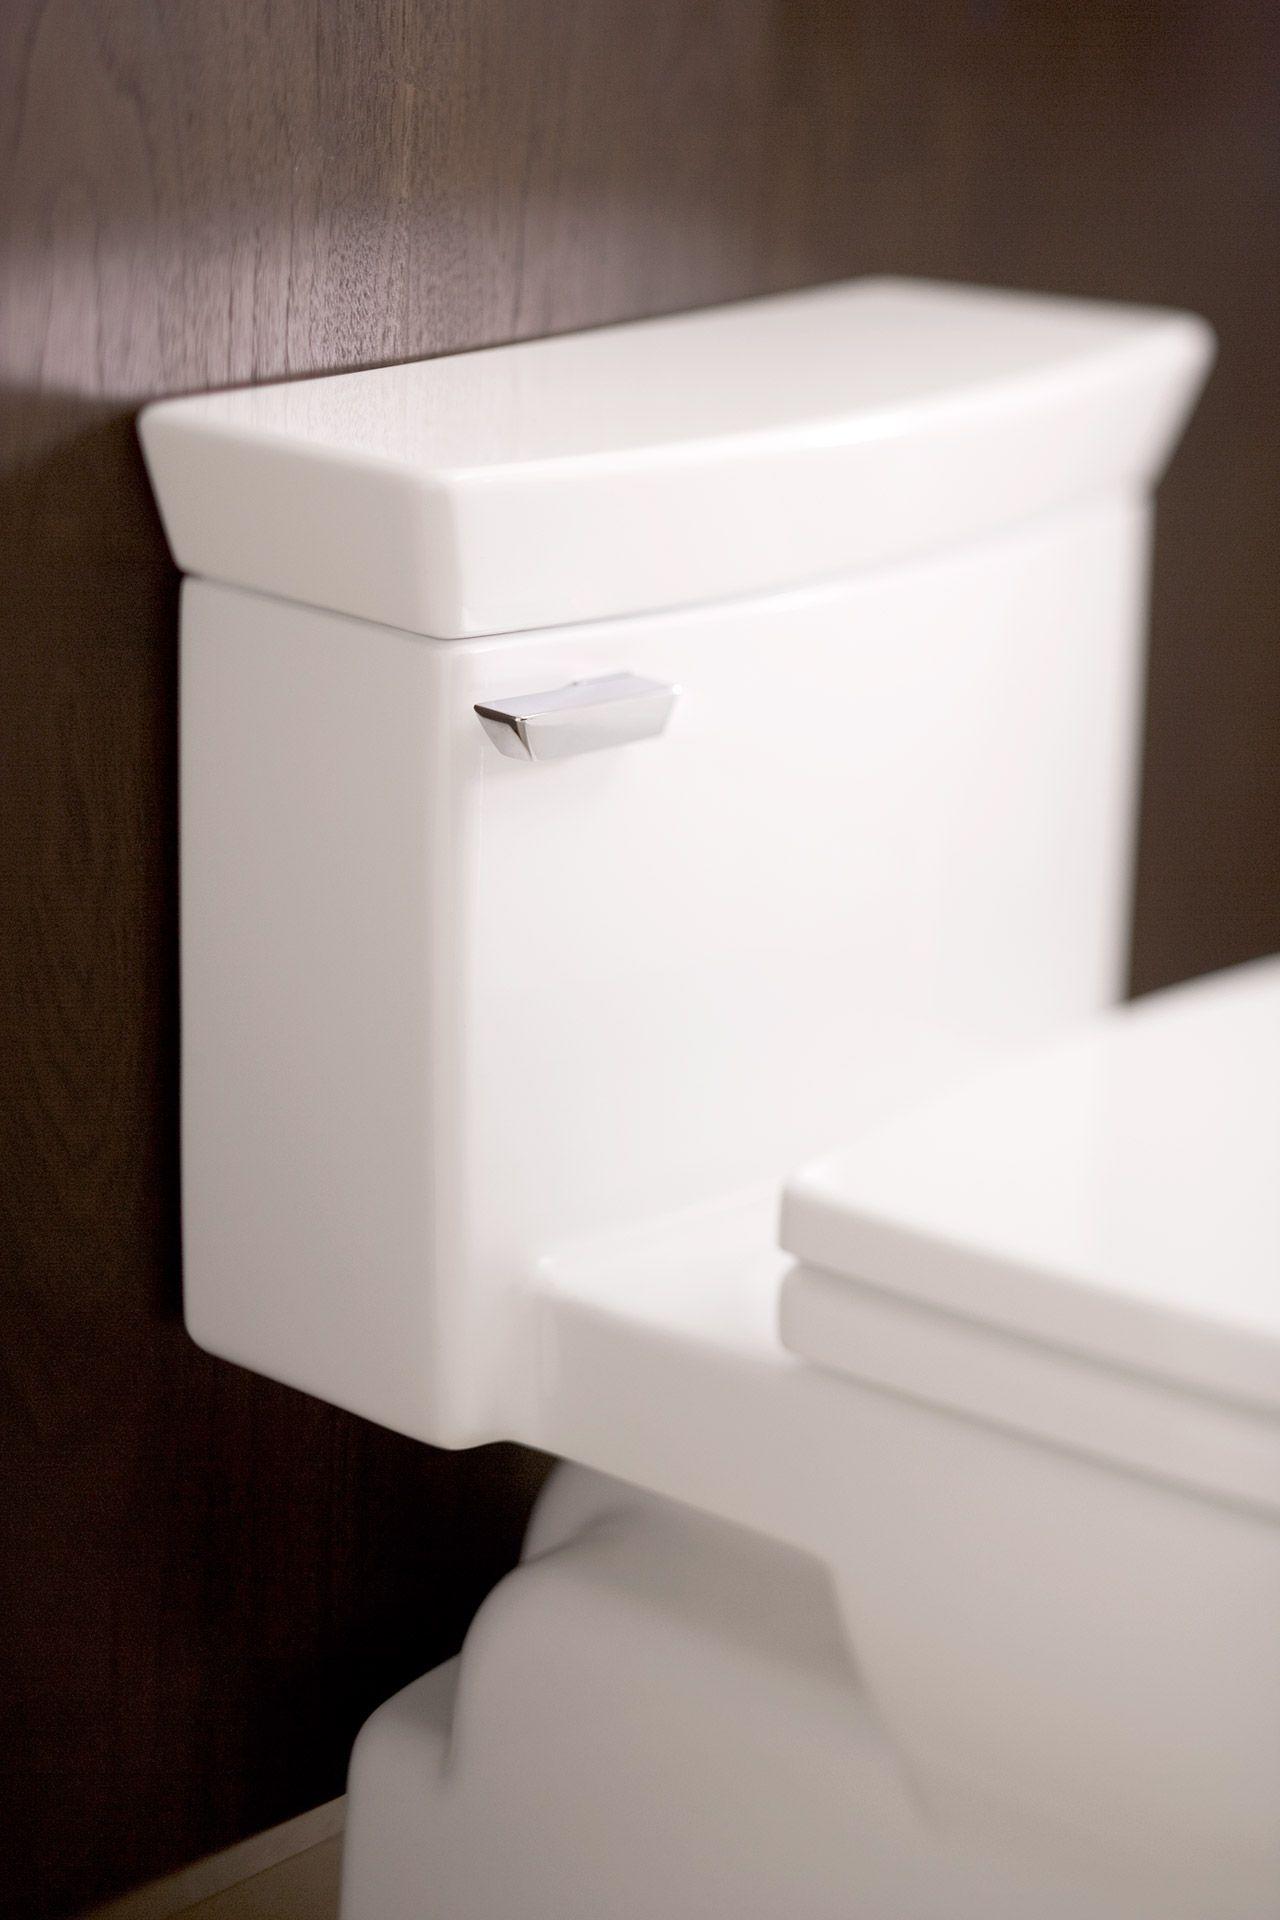 Toto Eco Soiree Toilet Review.Roycroft One Piece Toilet Roycroft ...